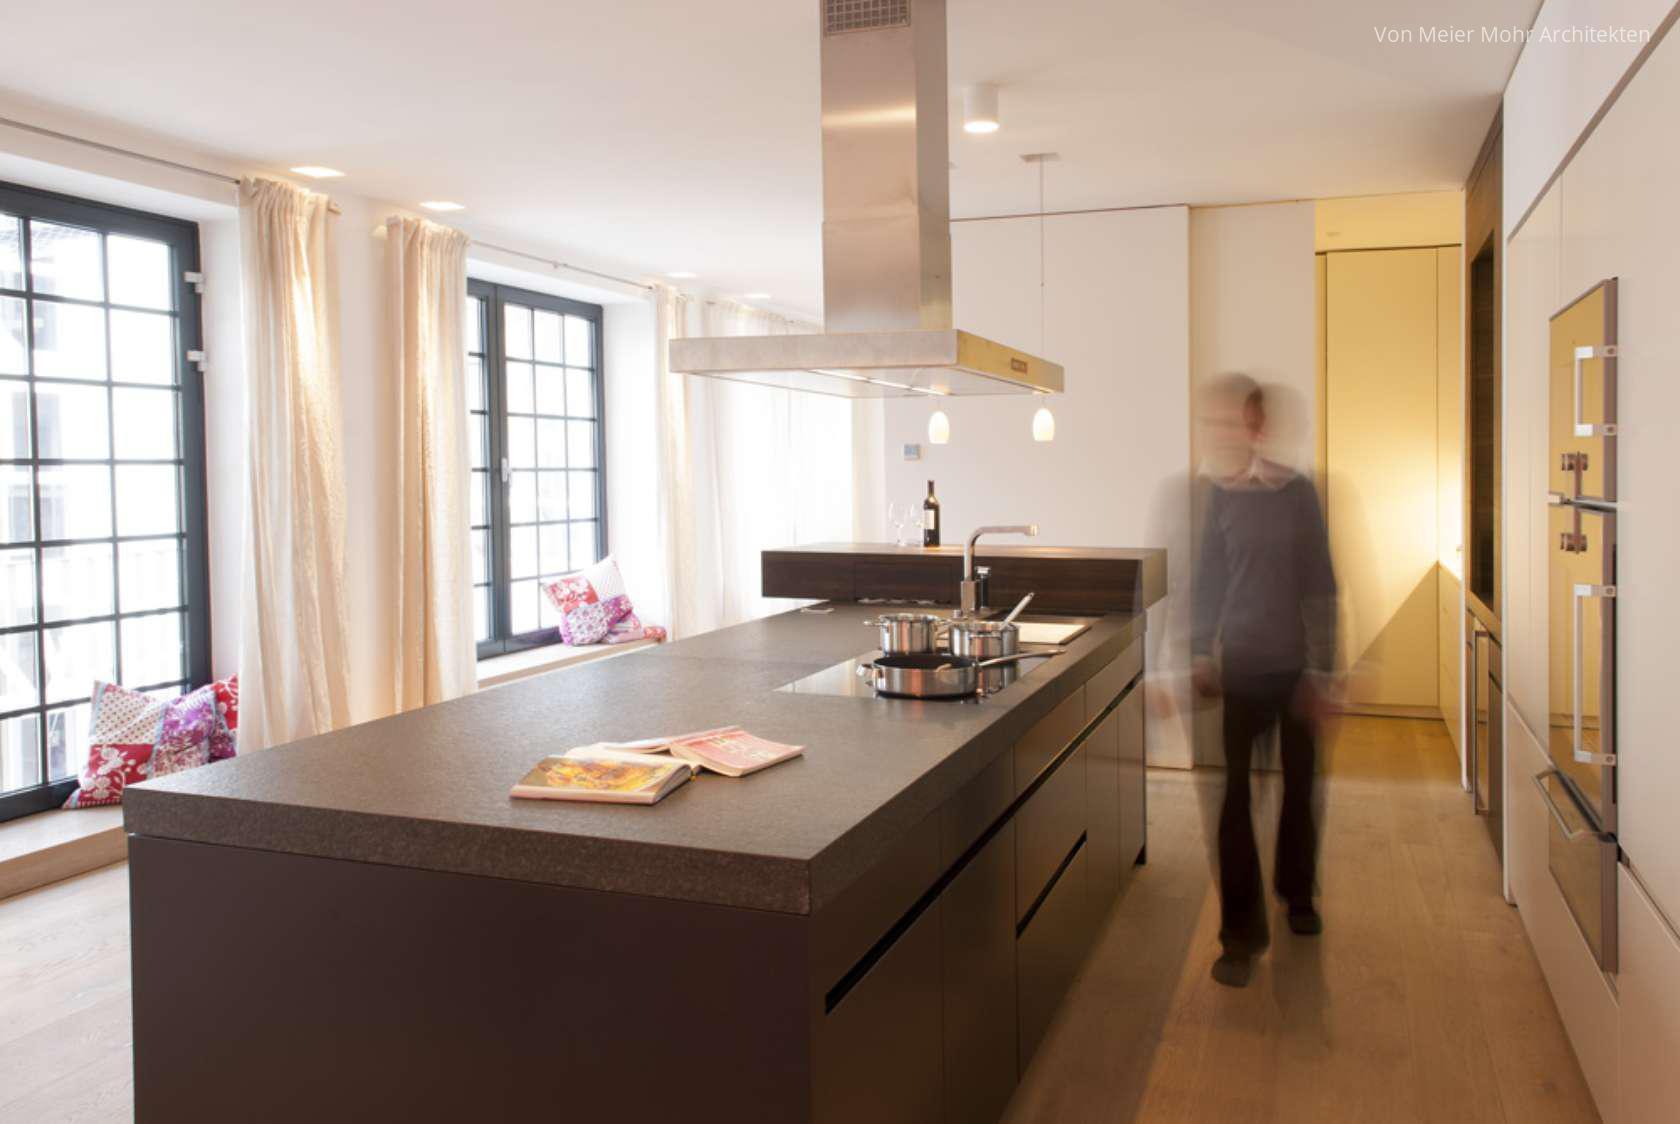 Nagyméretű konyhasziget - HOMEINFO 8b6e5038e3